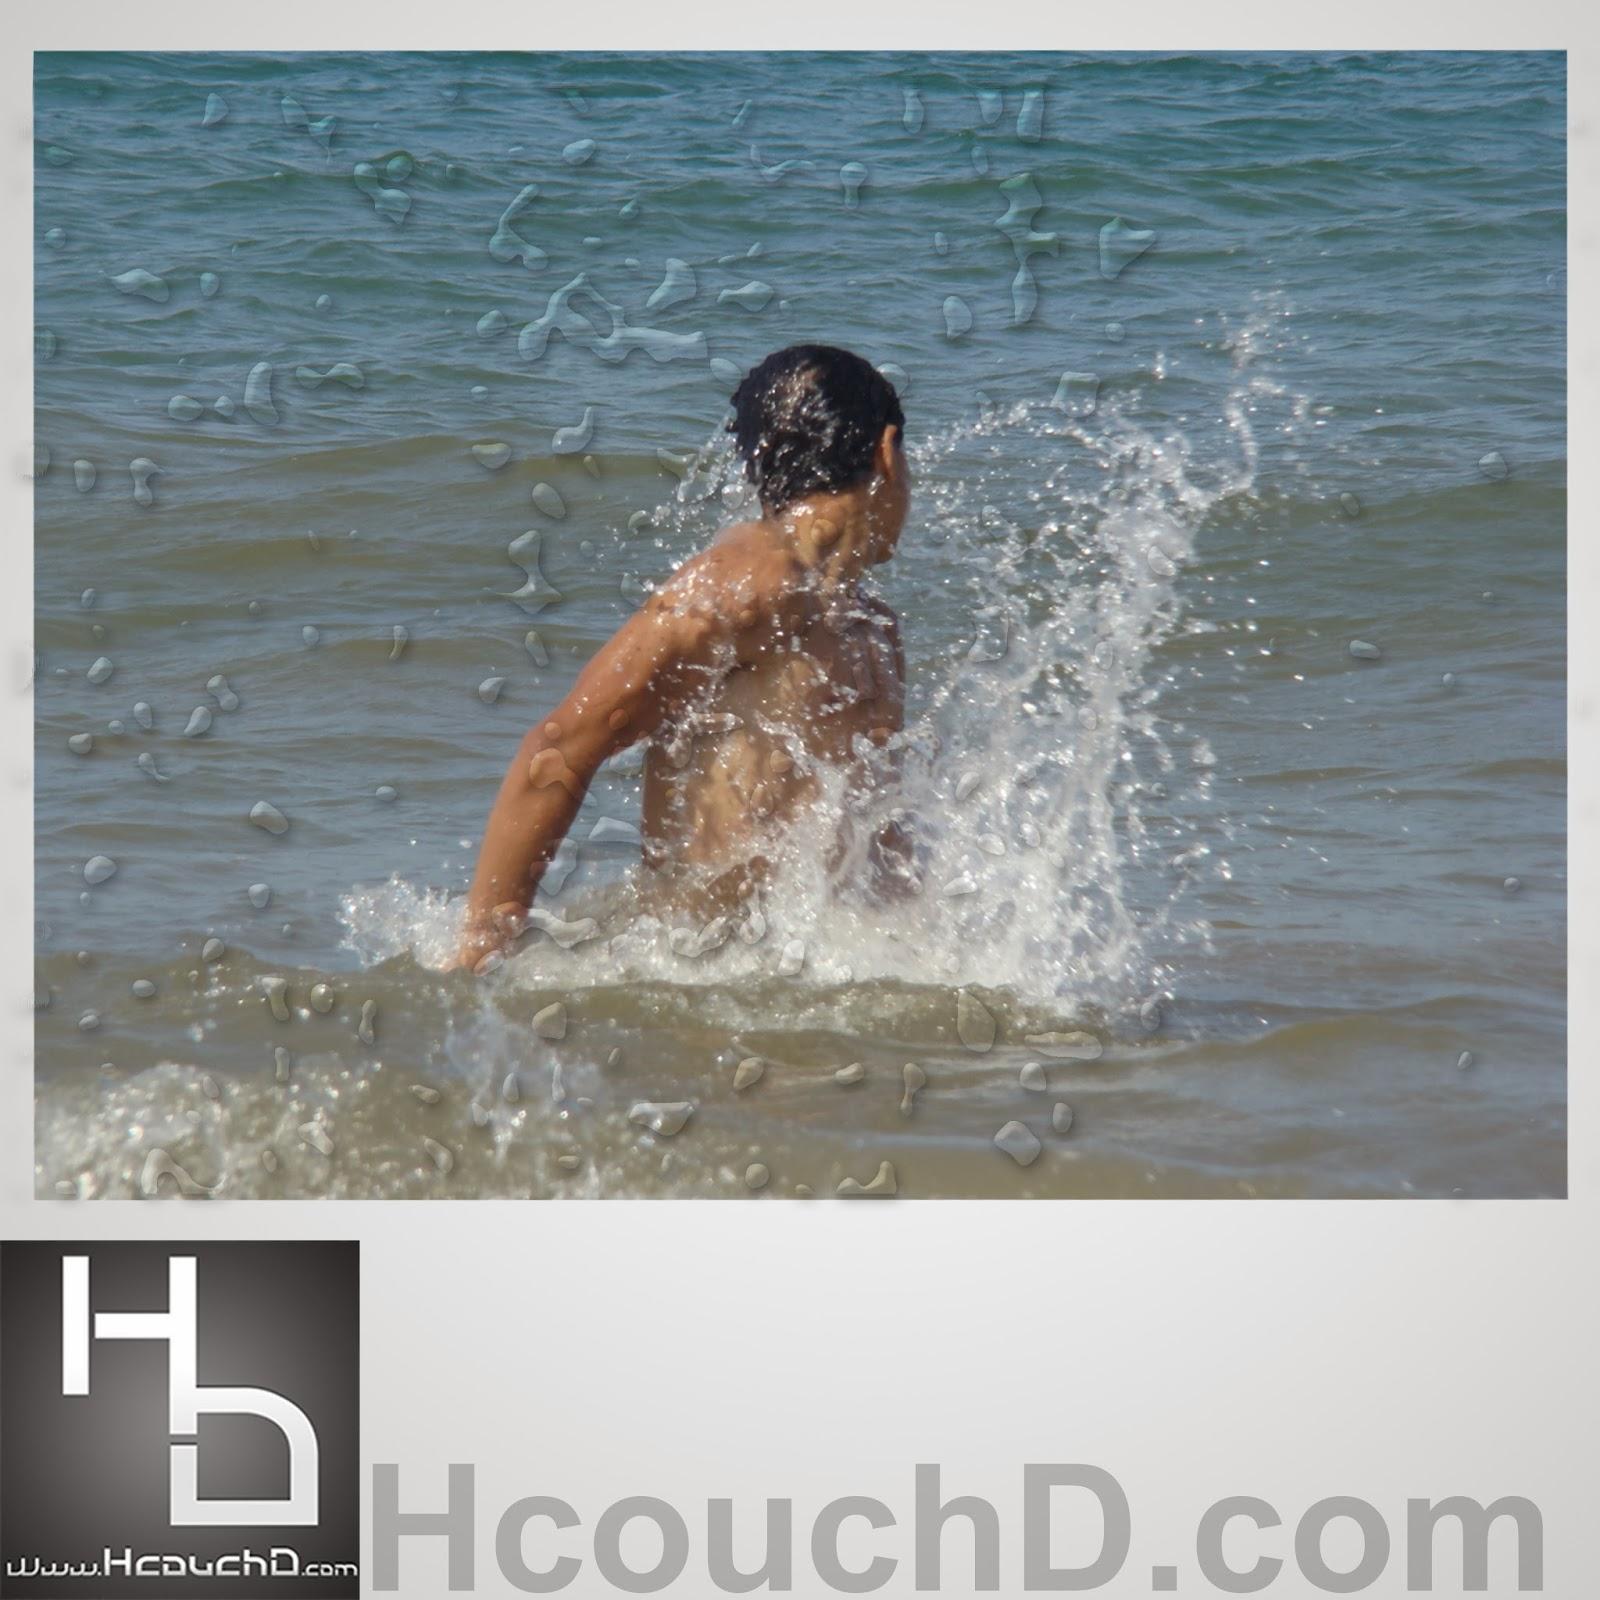 درس 56 : كيفية إضافة قطرات الماء واقعية لصورتك بواسطة فوتوشوب